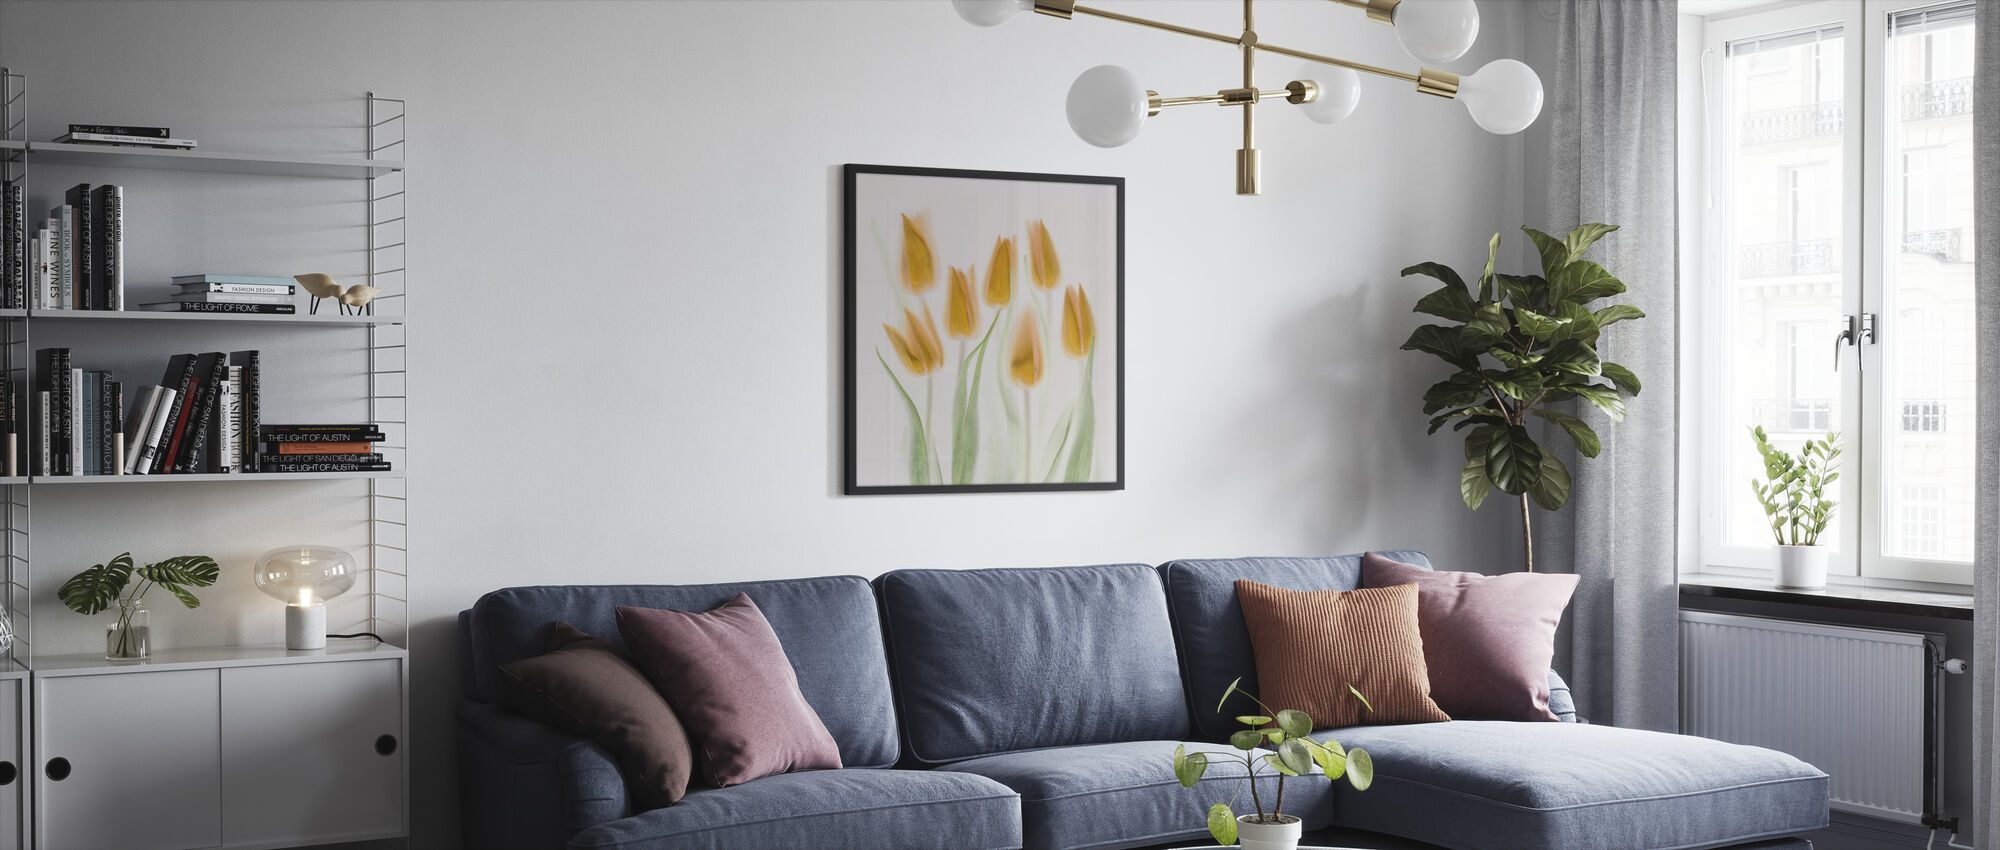 Golden Tulips - Framed print - Living Room